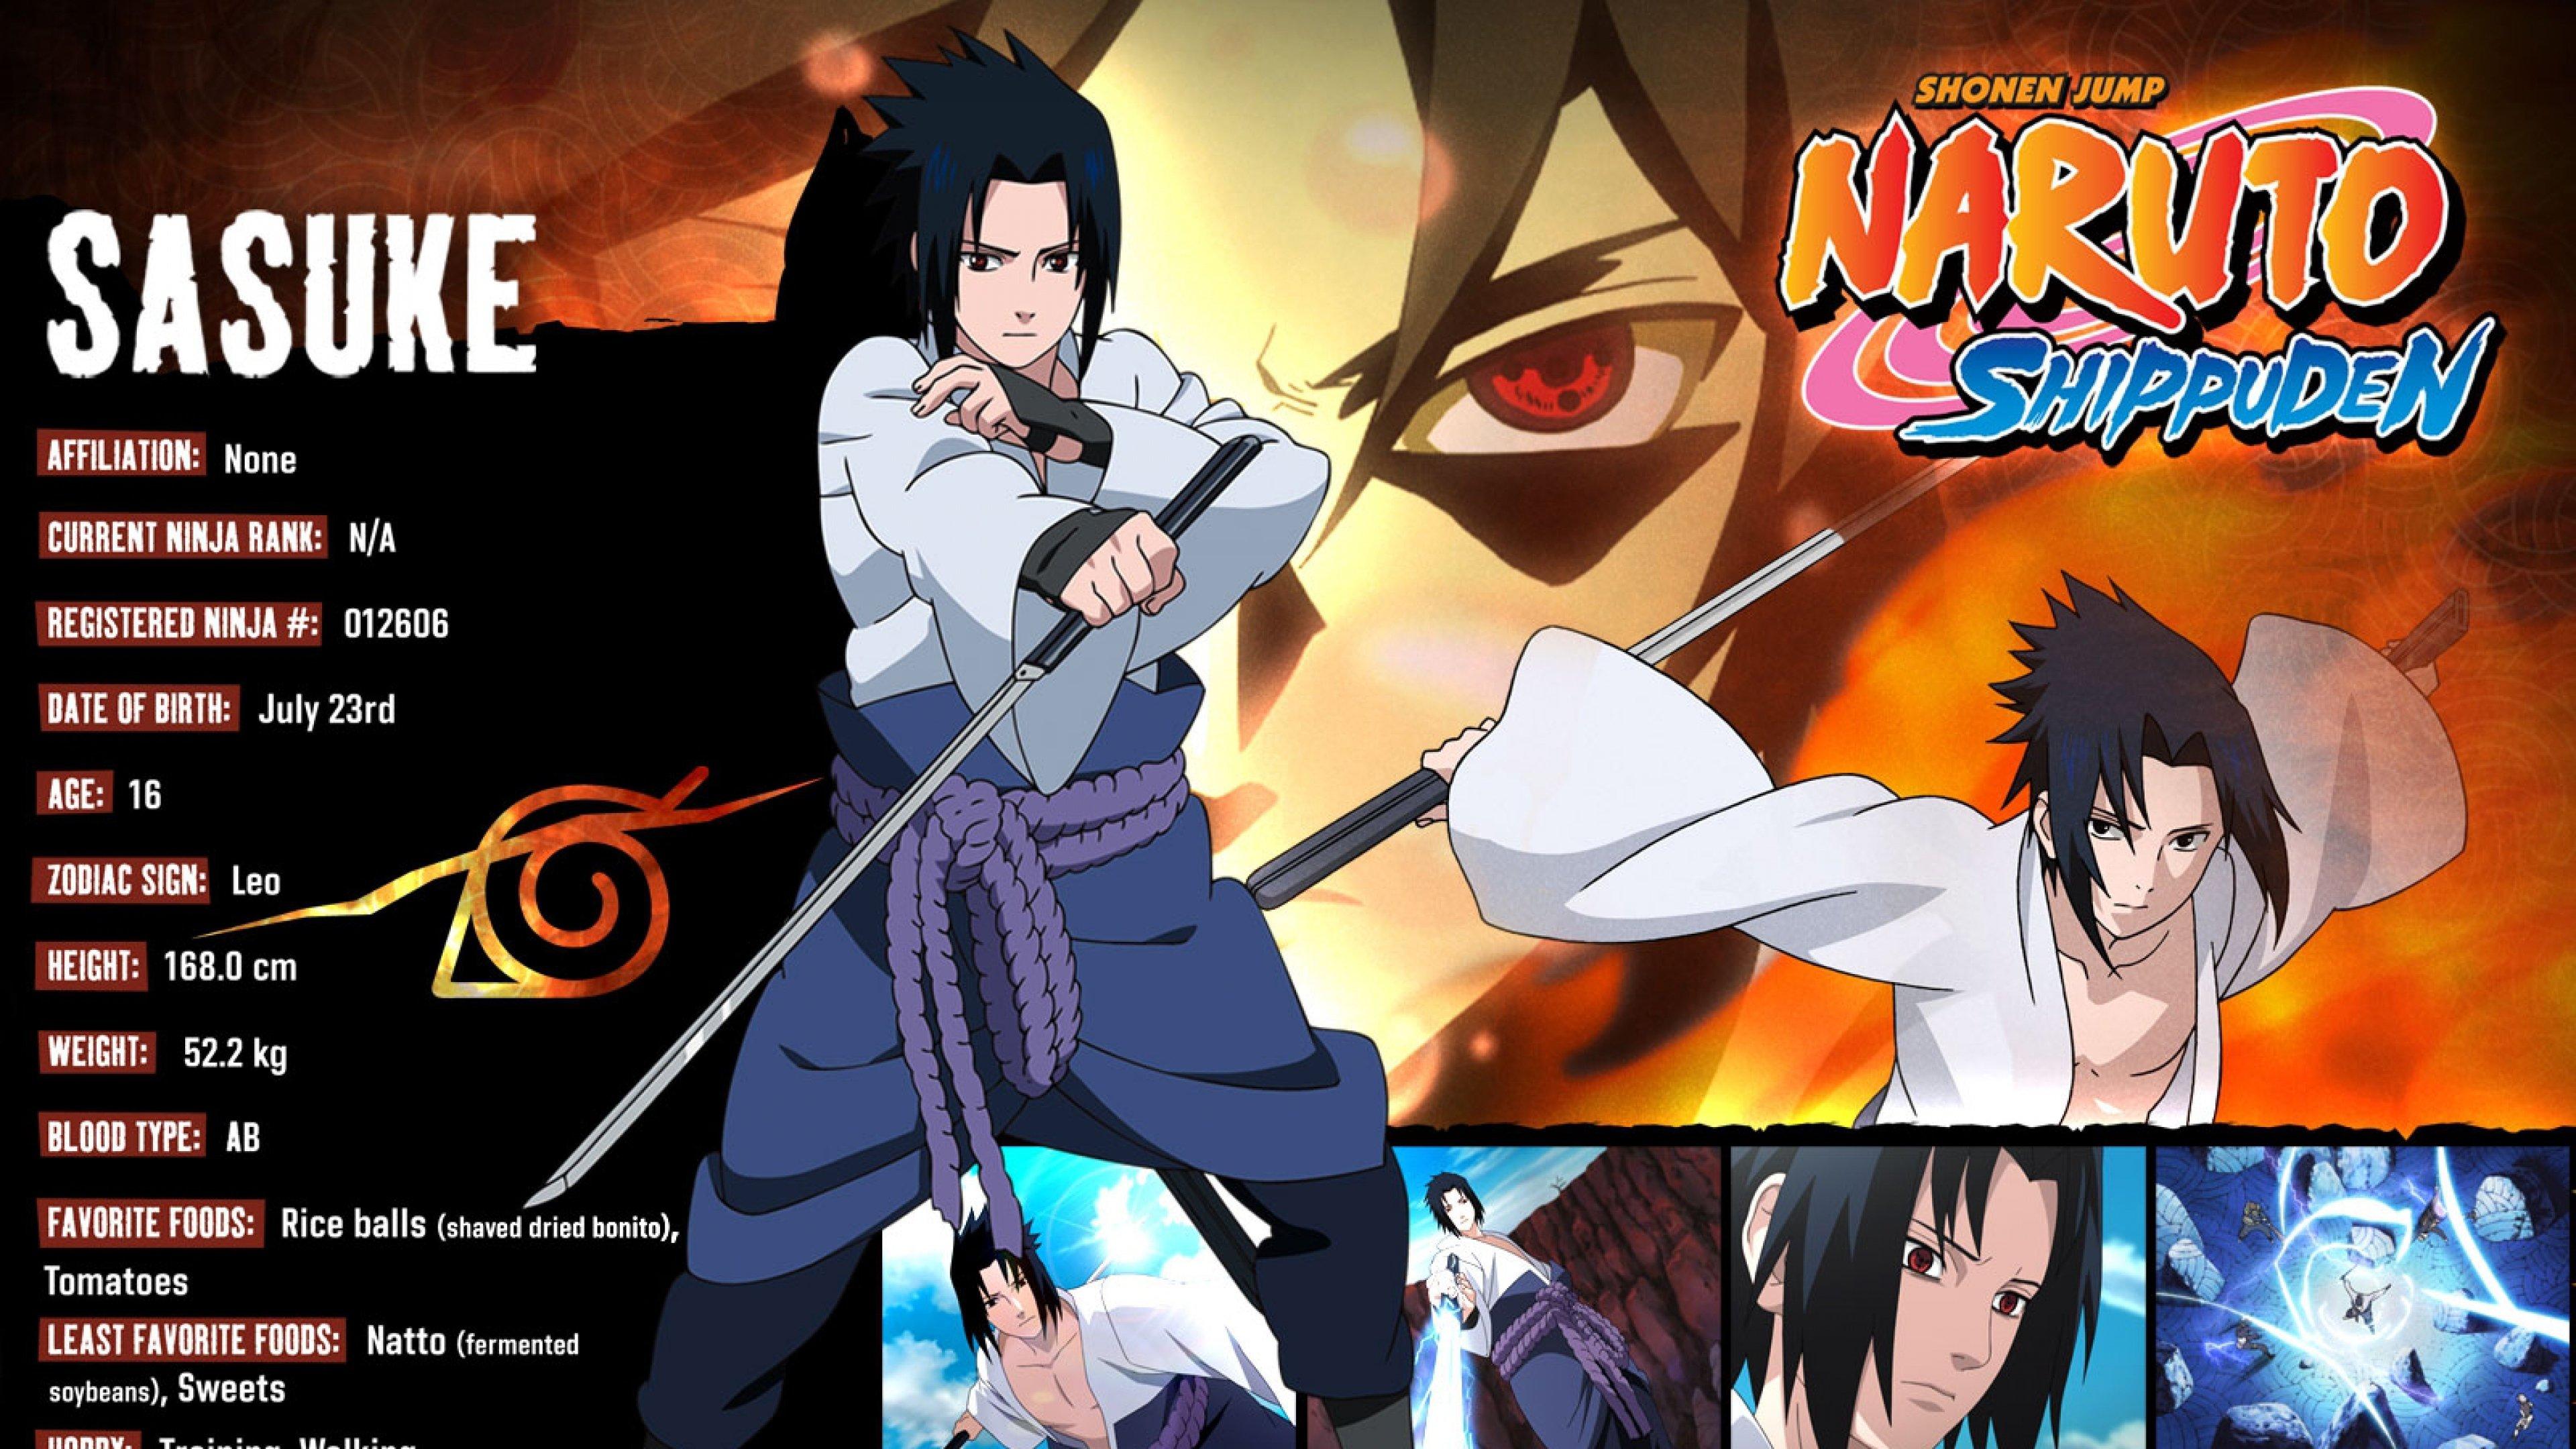 Download Uhd 4k Sasuke Uchiha Pc Wallpaper Id - Naruto Shippuden - HD Wallpaper